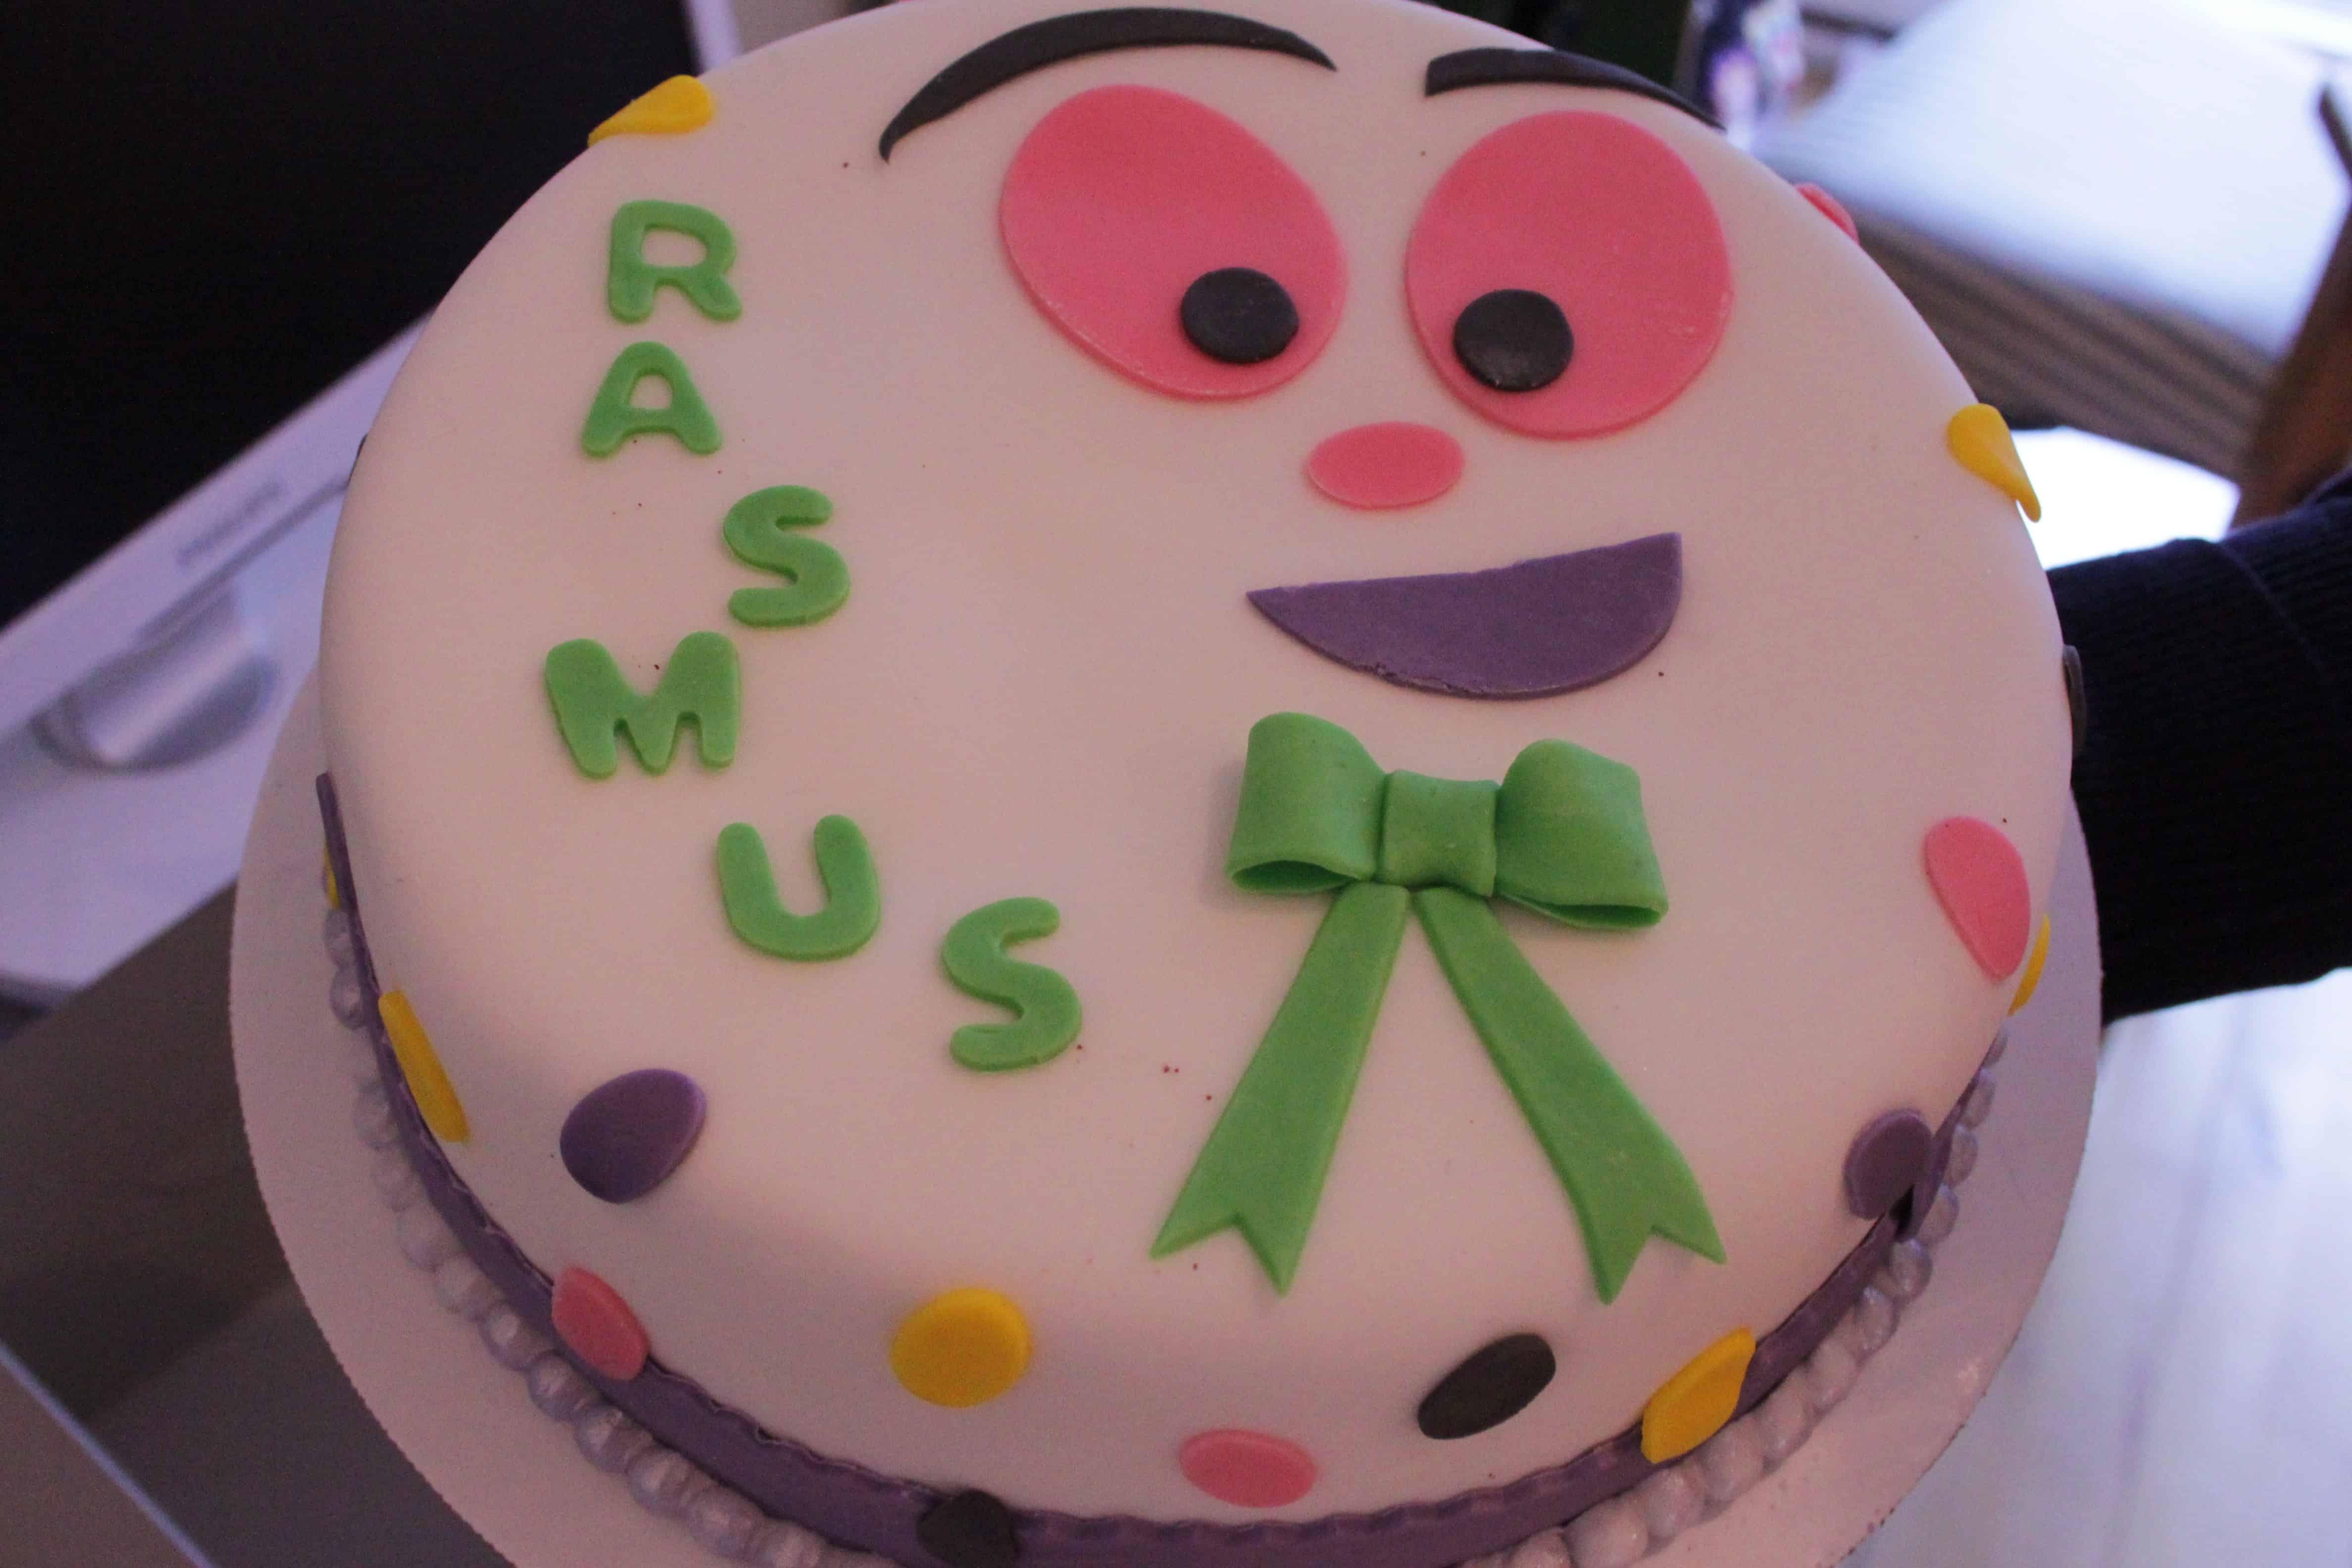 dekoration til kage